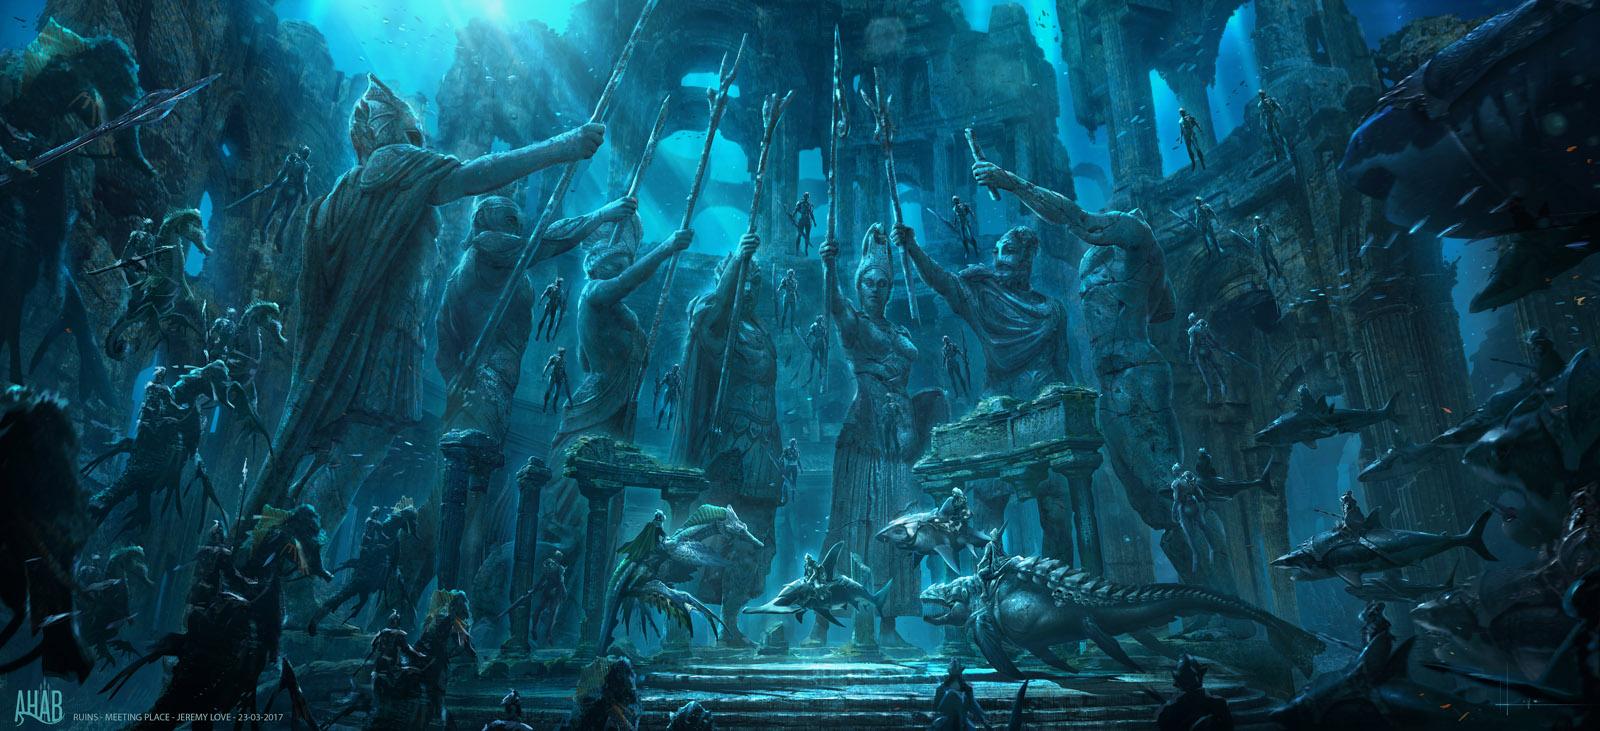 122_ENV_Ext_UnderwaterRuins_170323_WIP_AQ_Meeting_JL.jpg